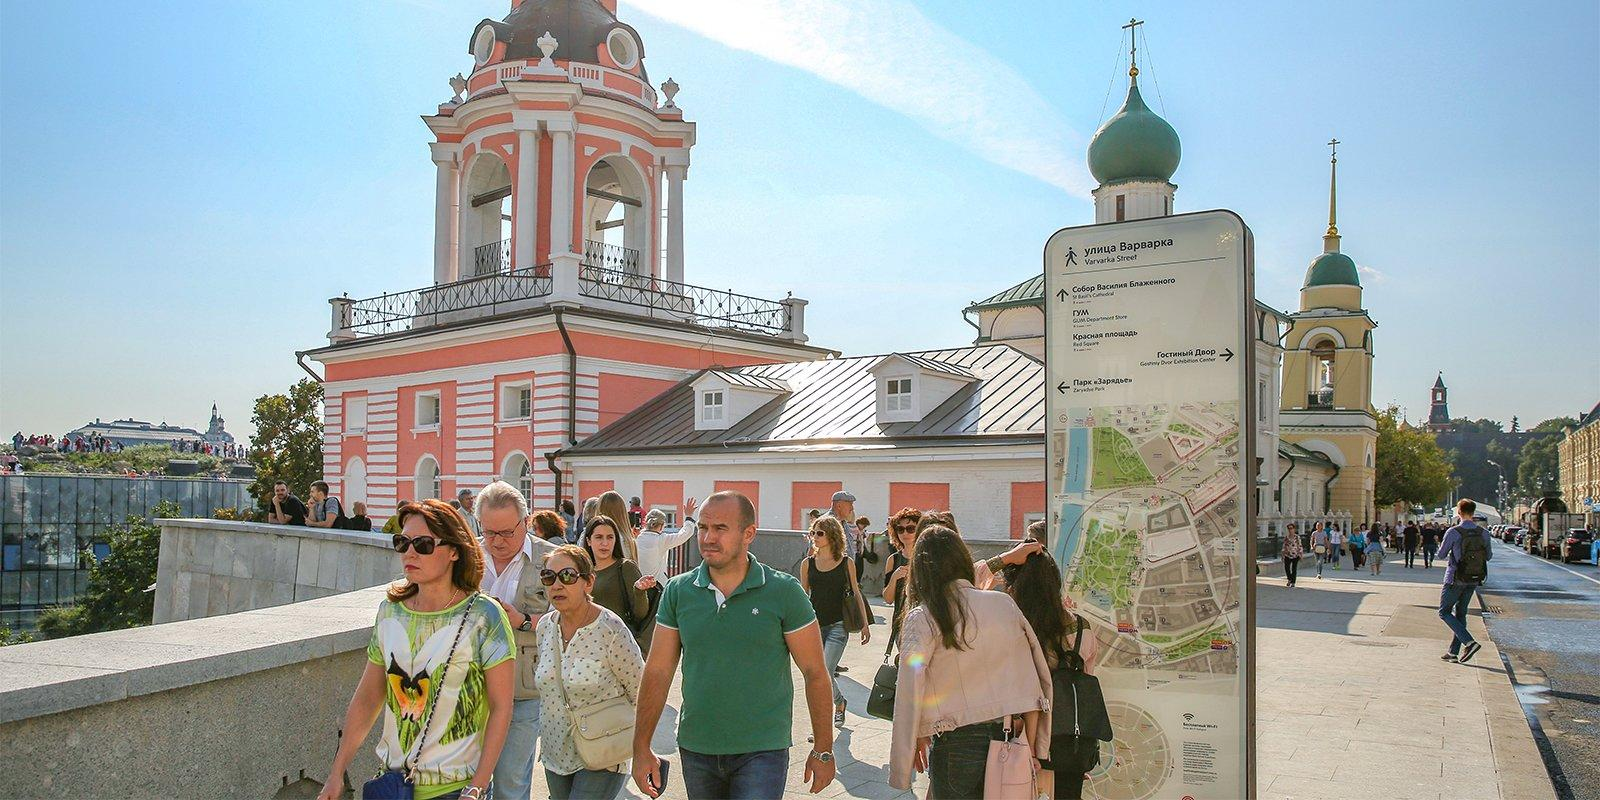 Китай-город и Красная Пресня: как попасть на бесплатную экскурсию по центру Москвы